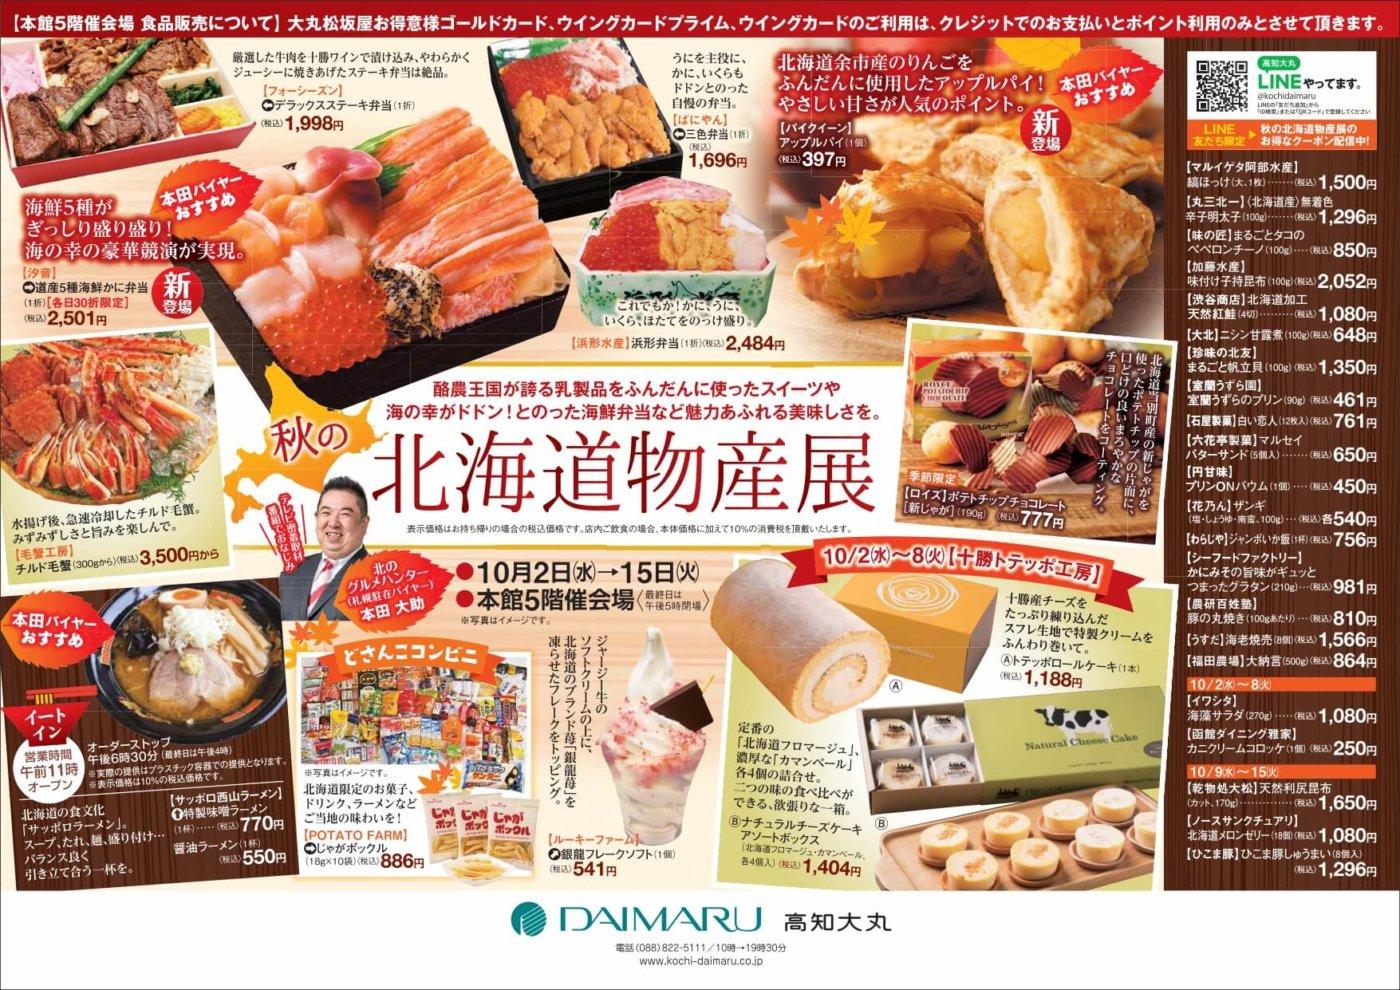 高知大丸 秋の北海道物産展2019 チラシ